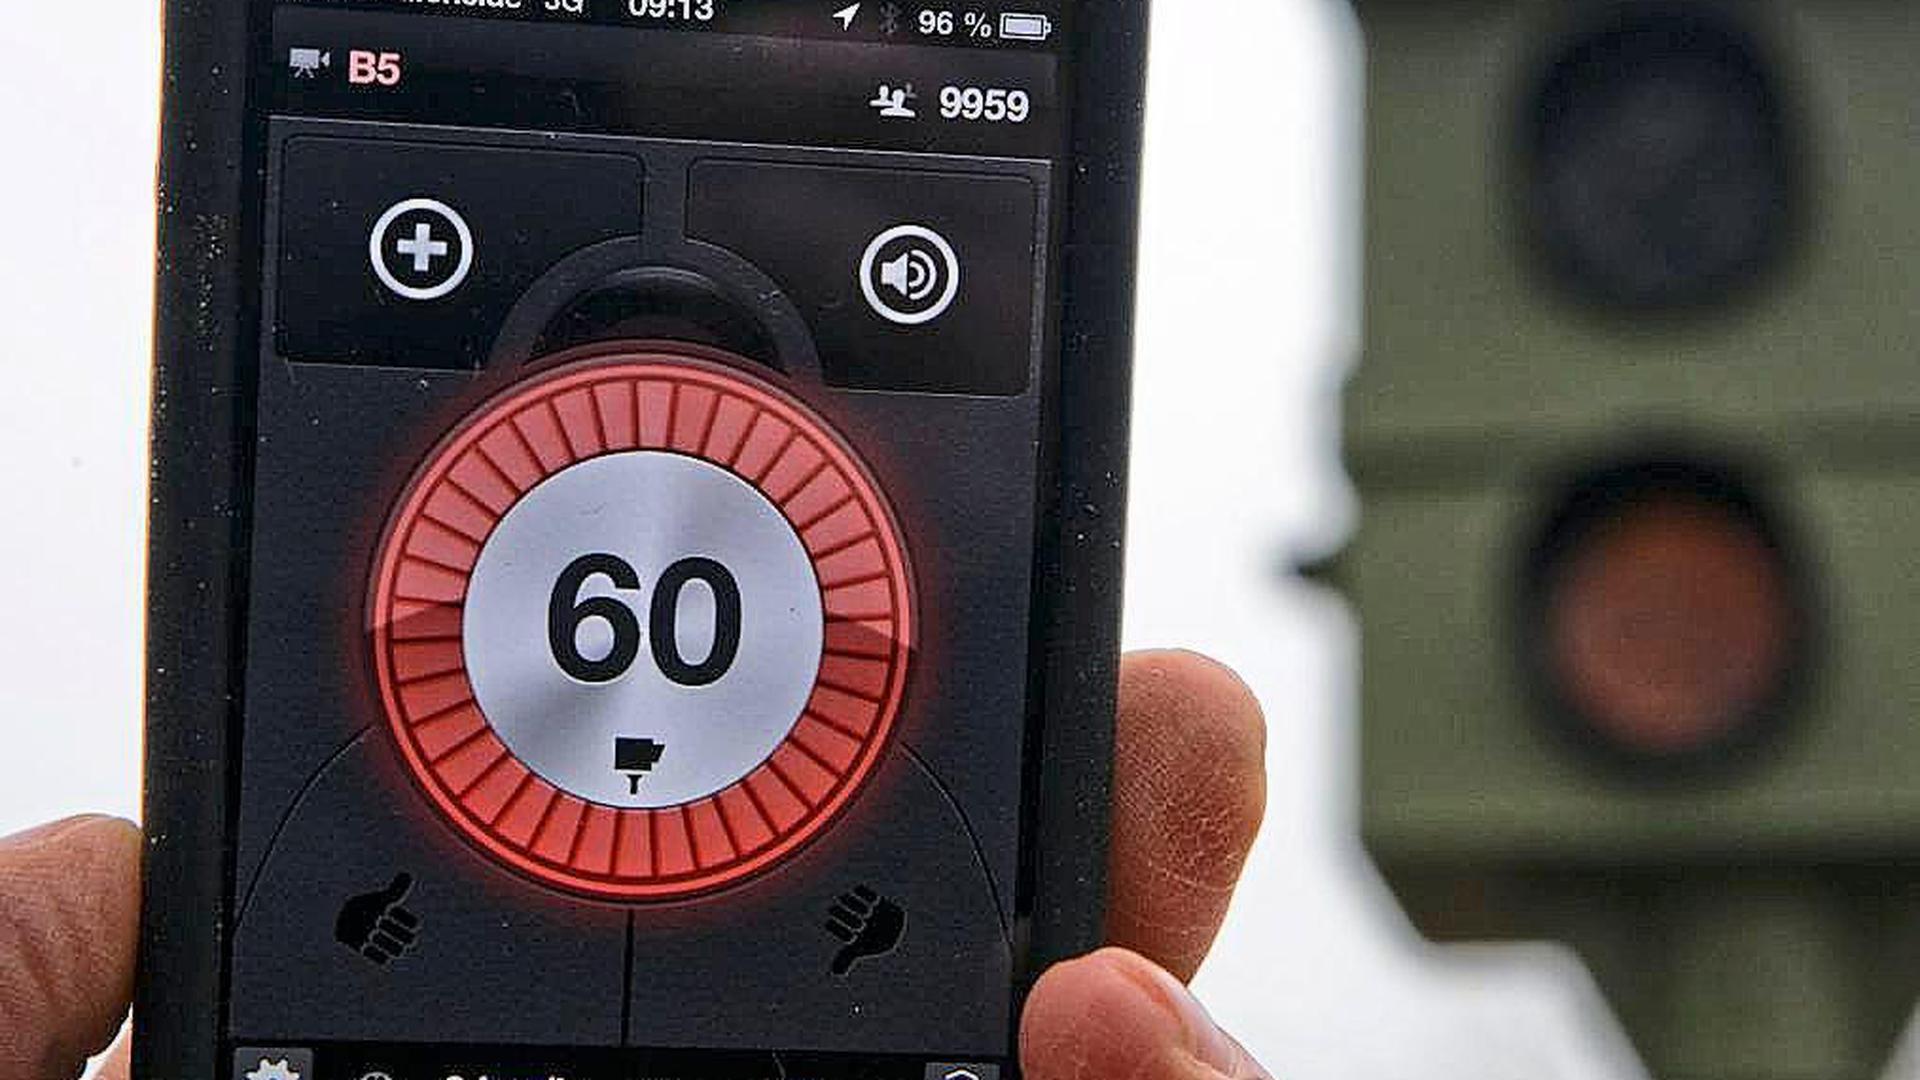 Blitzer-Apps oder andere technische Hilfsmittel dürfen während der Fahrt nicht aktiv genutzt werden. In der Realität ist ein Nachweis allerdings schwierig.